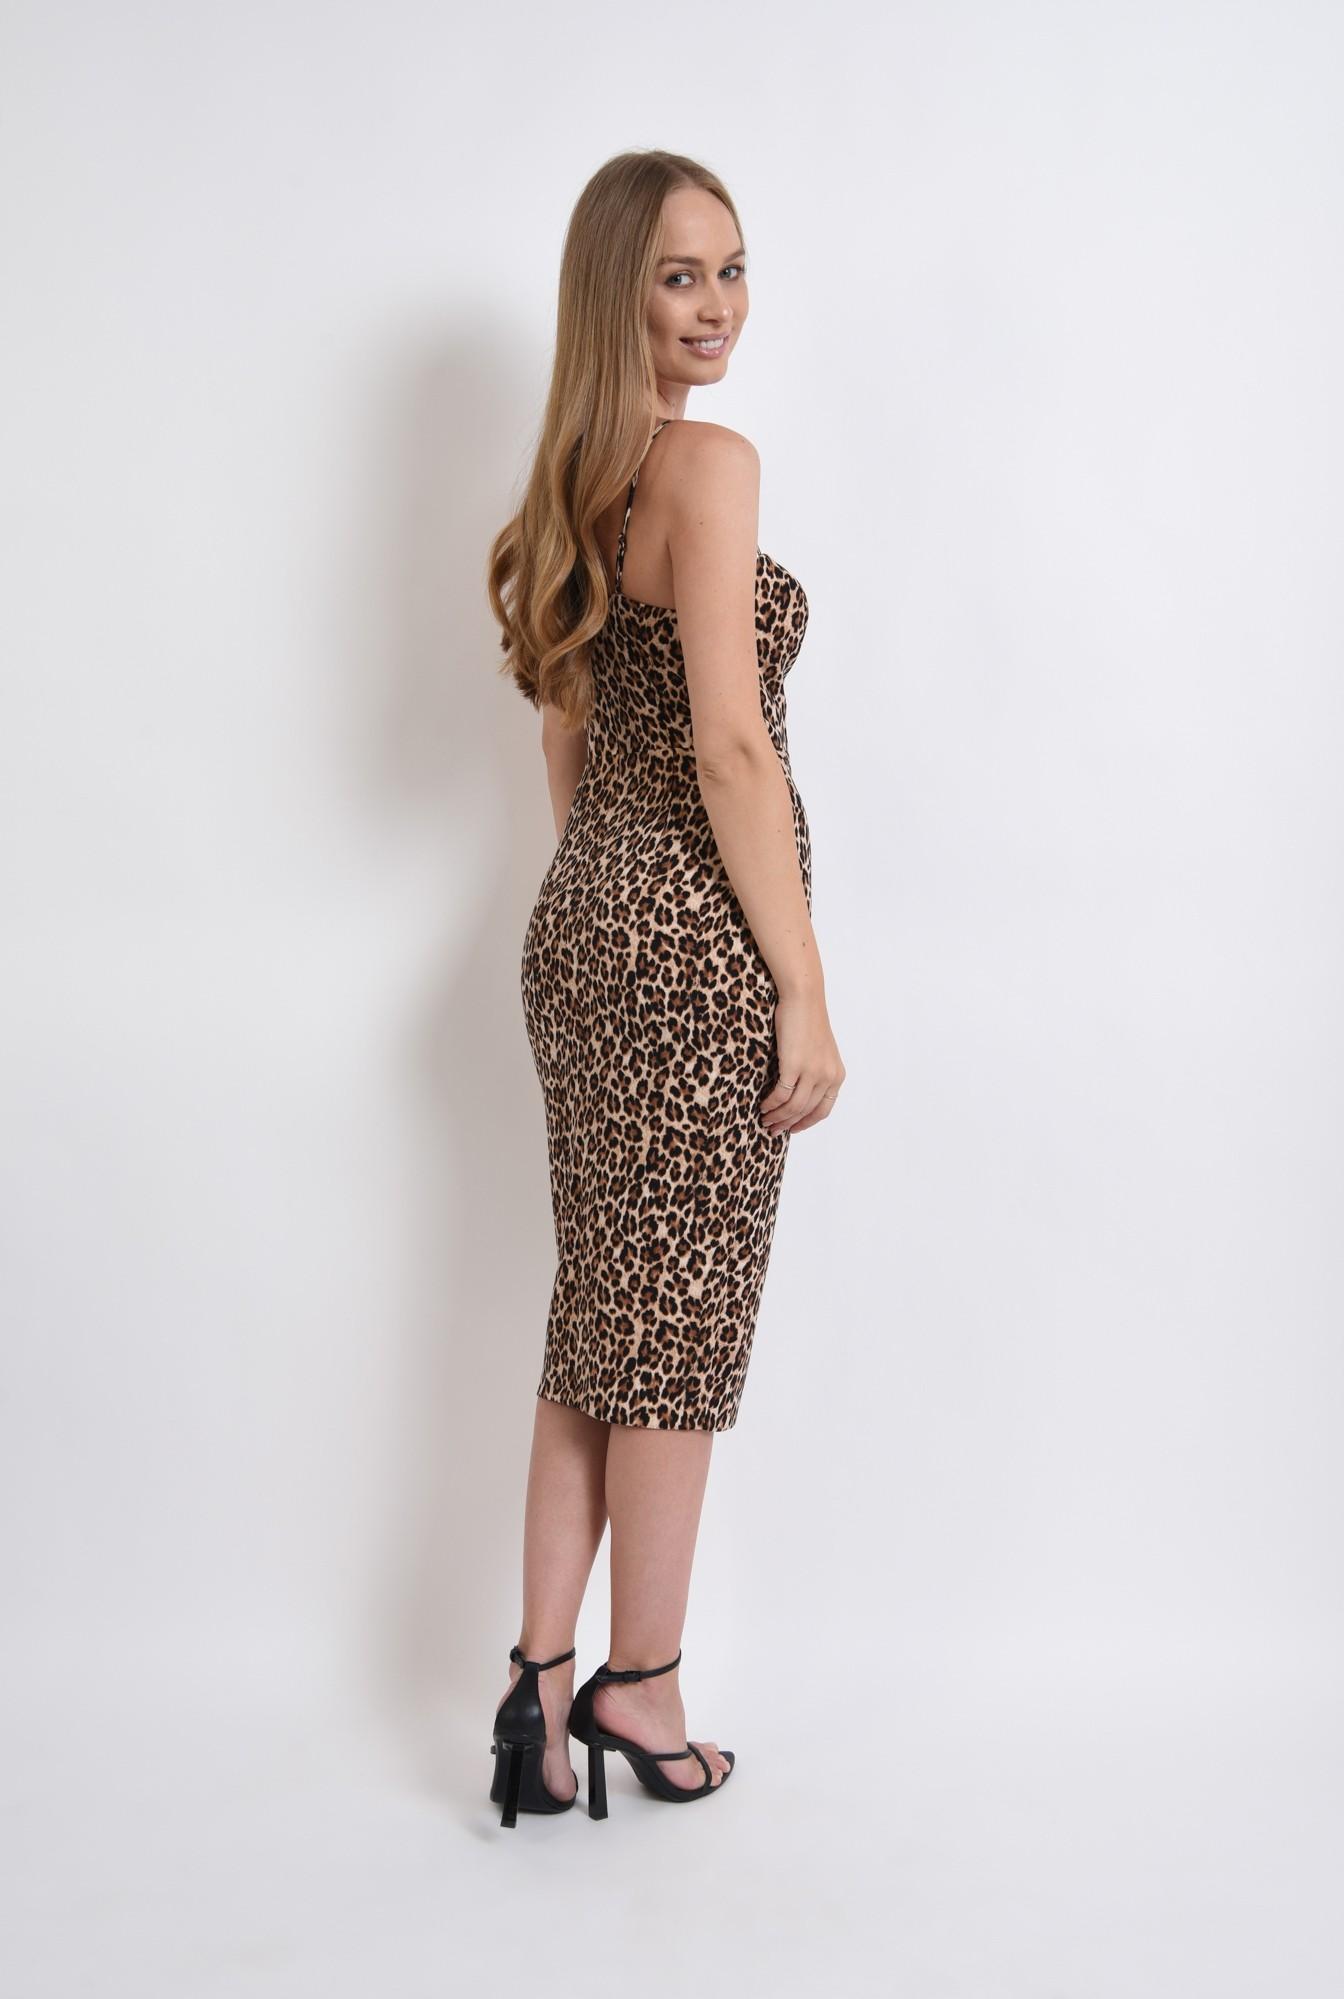 2 - rochie eleganta, animal print, cu bretele